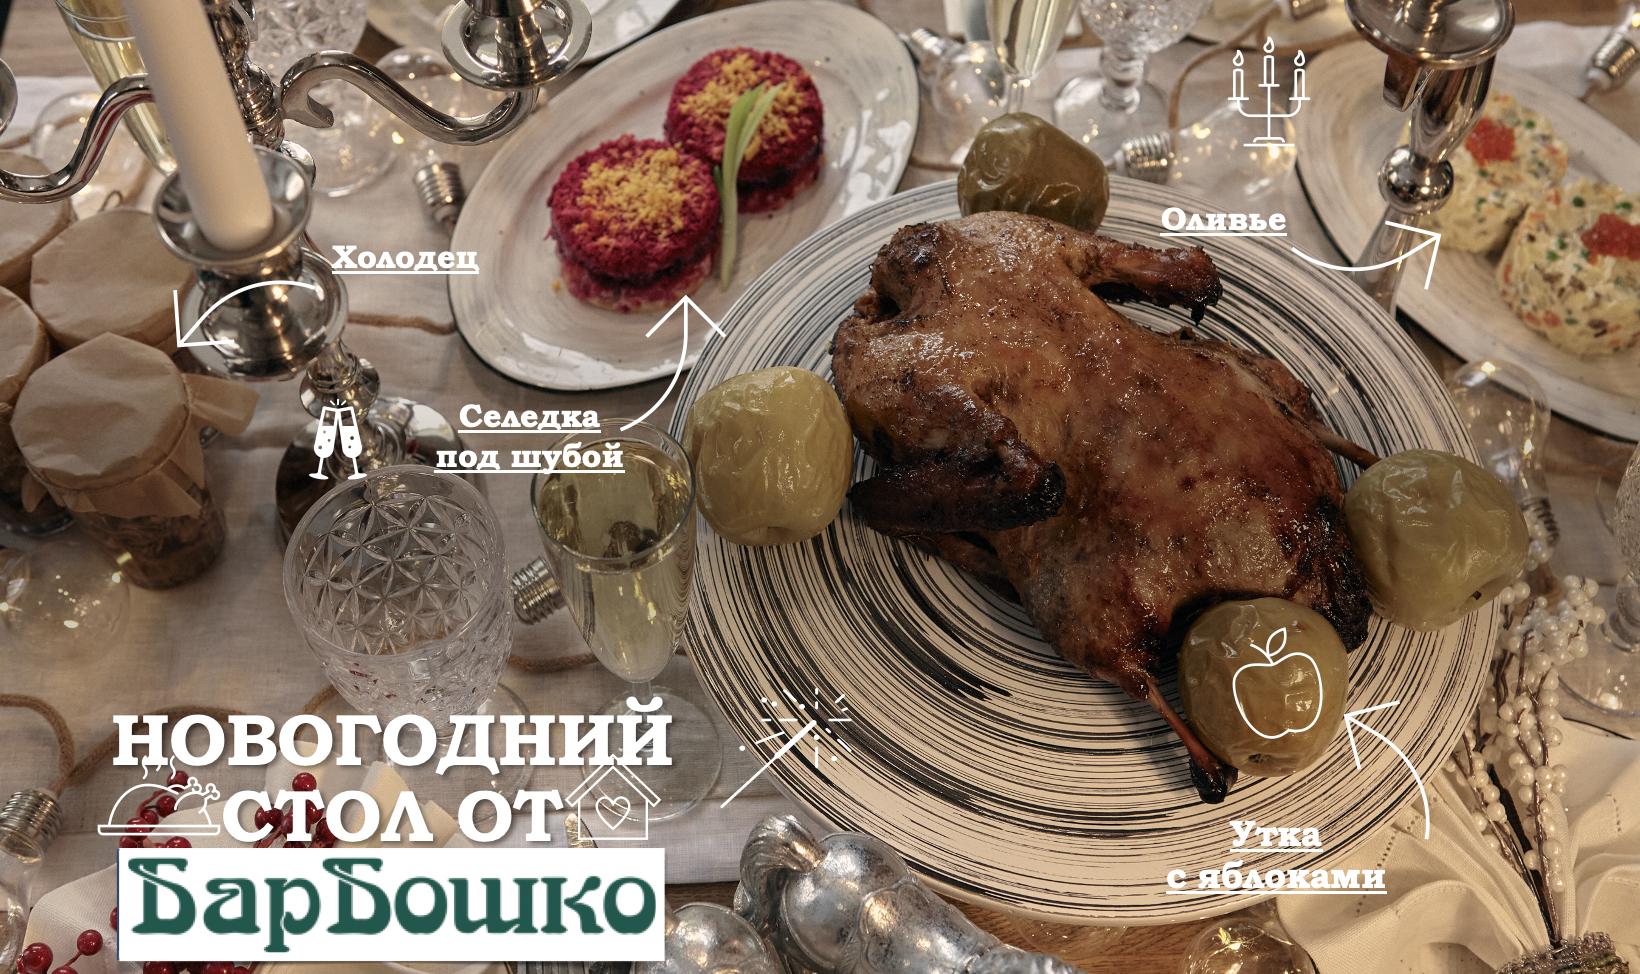 Новогодний стол от БарБошко!